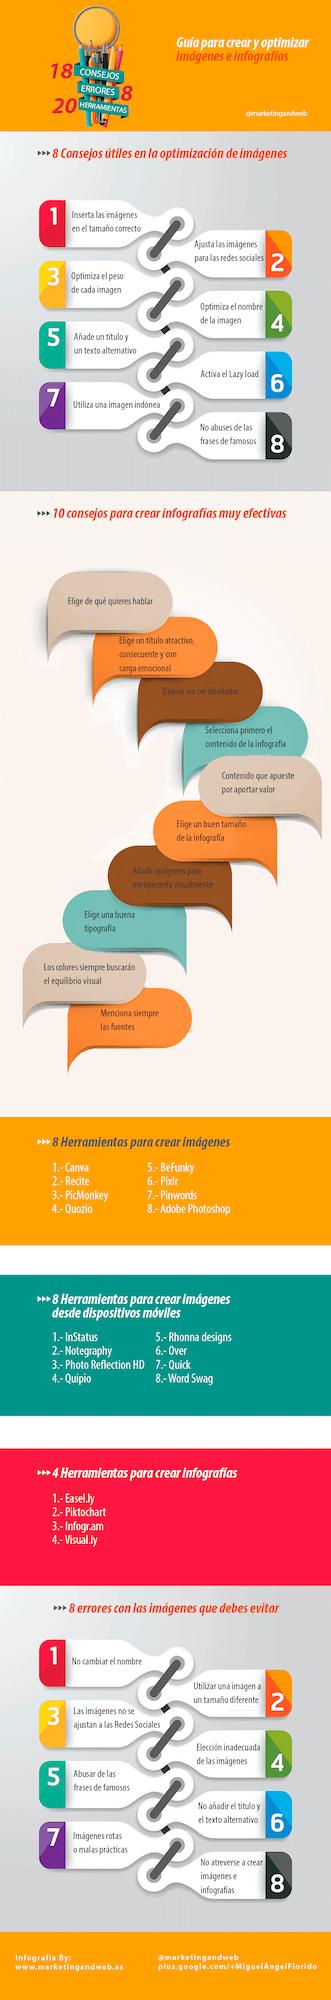 Guía para crear imágenes con frases e infografías impactantes